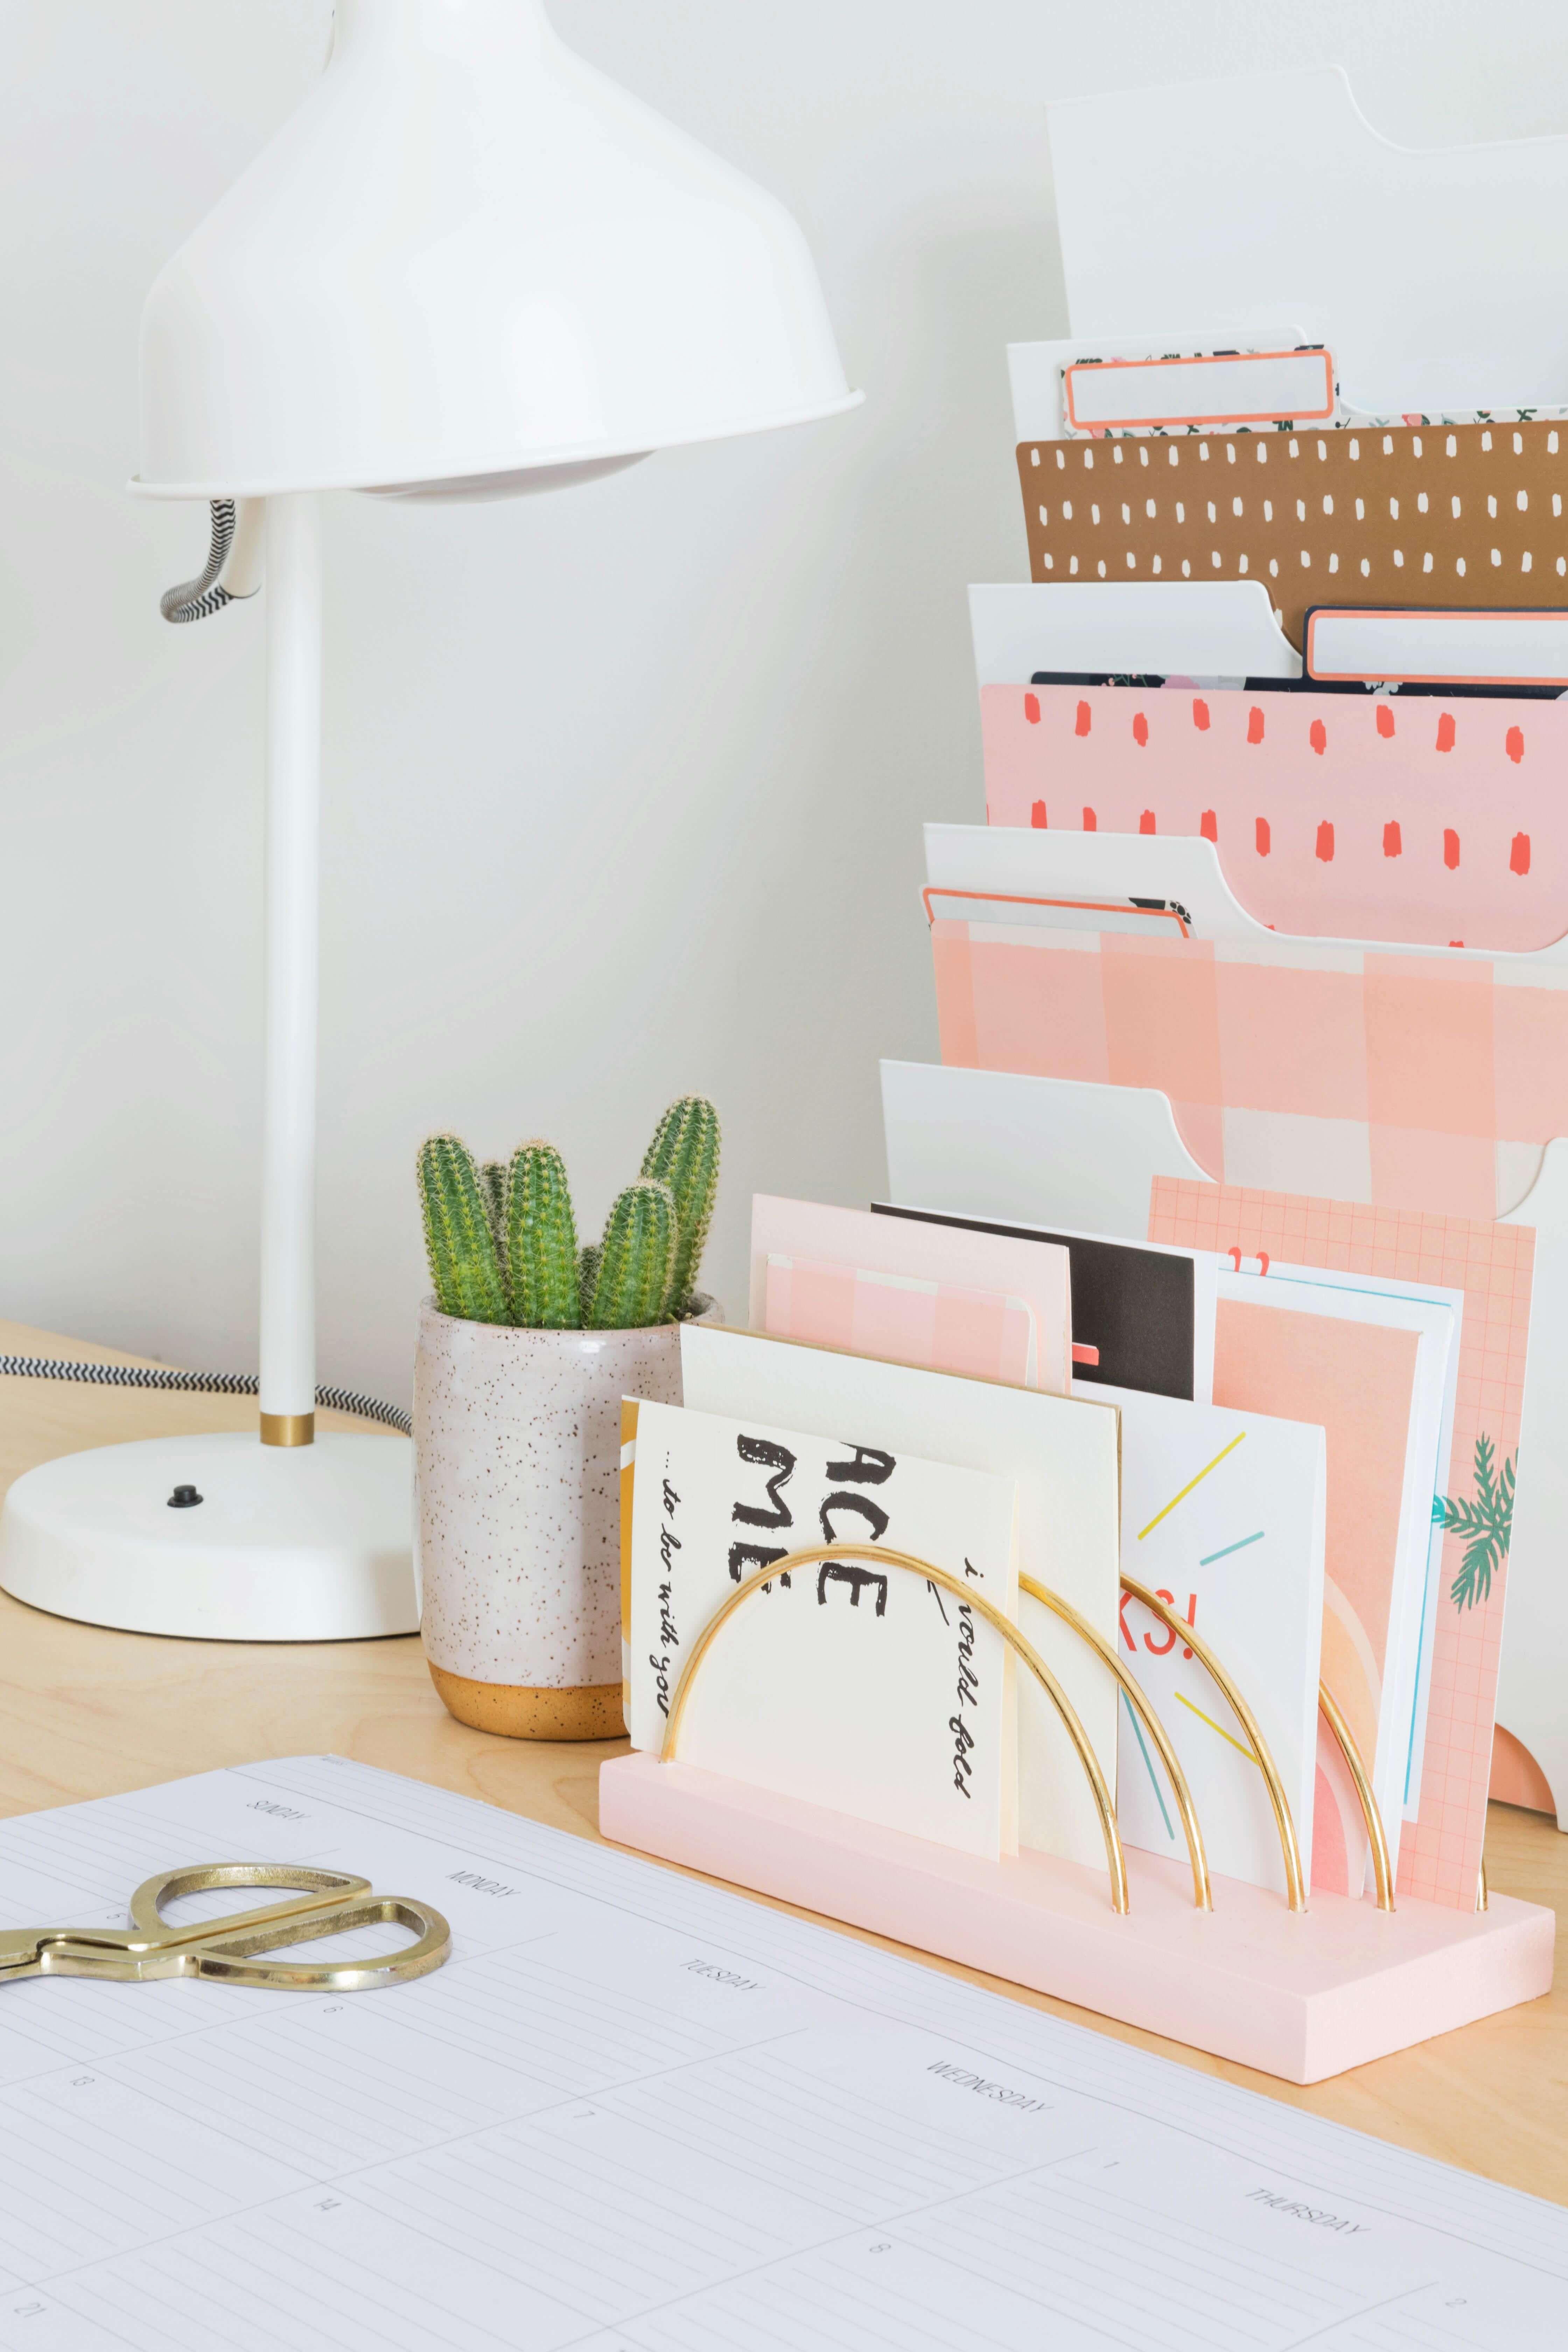 Super Schönes Und Dekoratives Ordnungssystem Für Den Schreibtisch!  #tabledecor #decoration #office #officespace #büro #ordnung #rosa